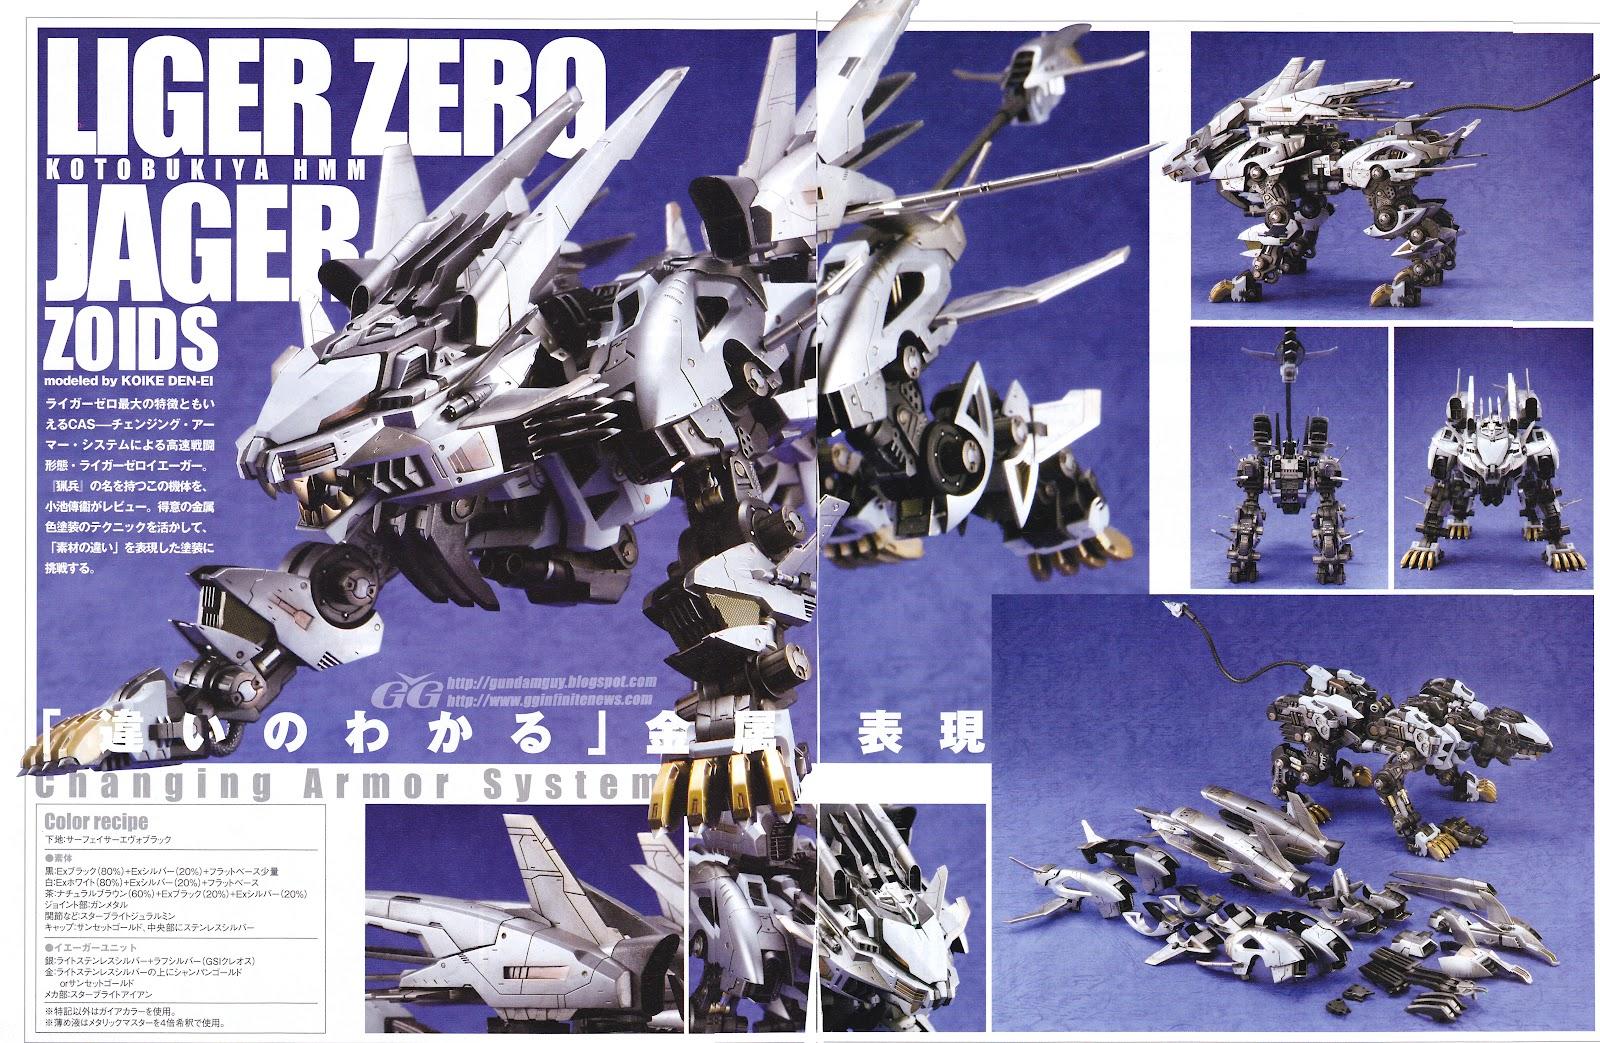 anime galleries dot net zoids liger zero jager cas unit.html